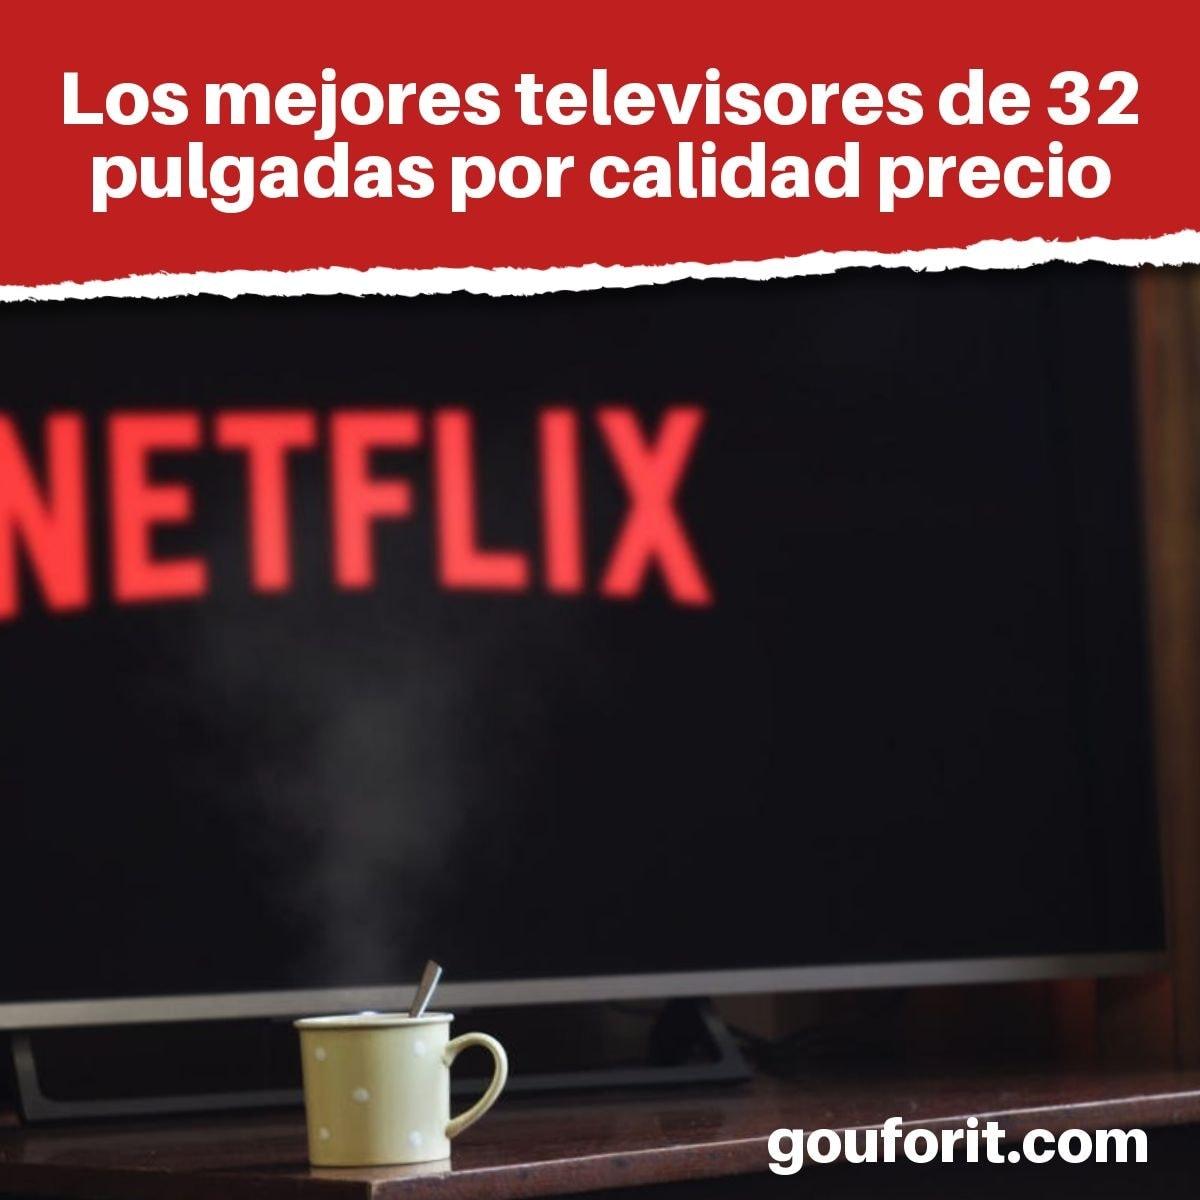 Los 3 mejores televisores de 32 pulgadas por calidad precio